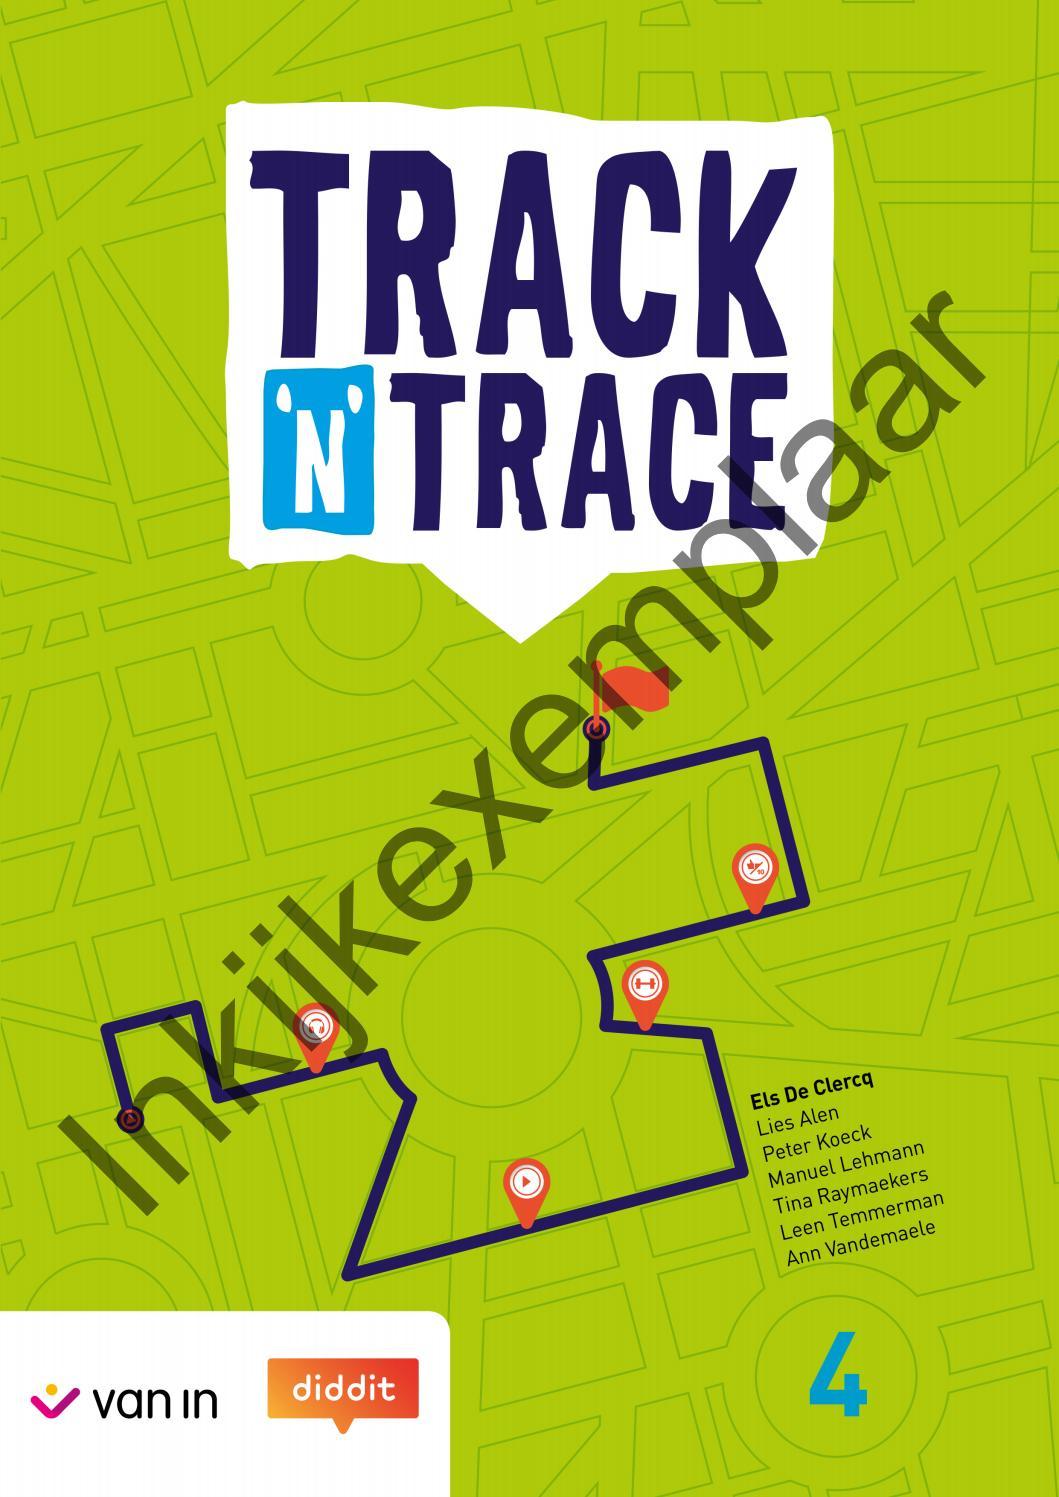 Track 'n' Trace 4 - Inkijkexemplaar by VAN IN - issuu